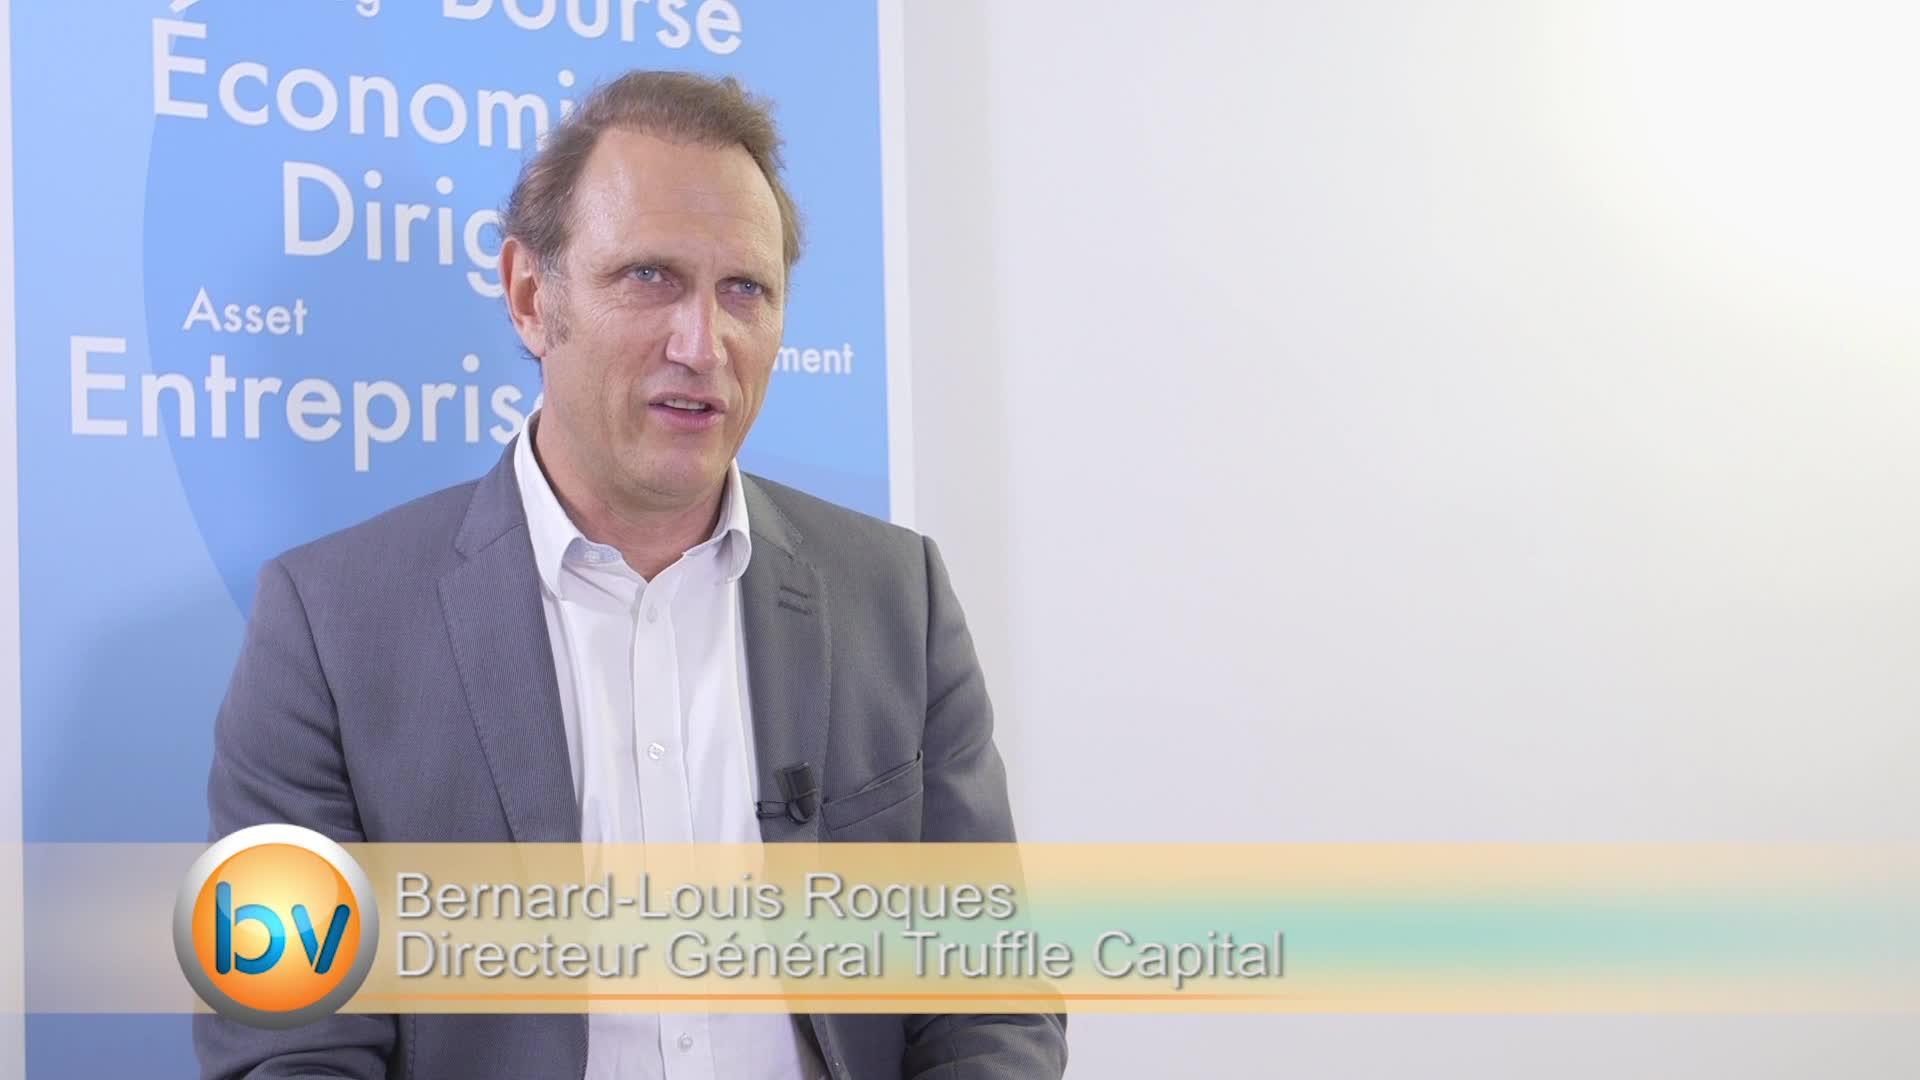 """Bernard-Louis Roques Directeur Général Truffle Capital : """"Il y a un déficit de financement par la Bourse des éditeurs de logiciels"""""""